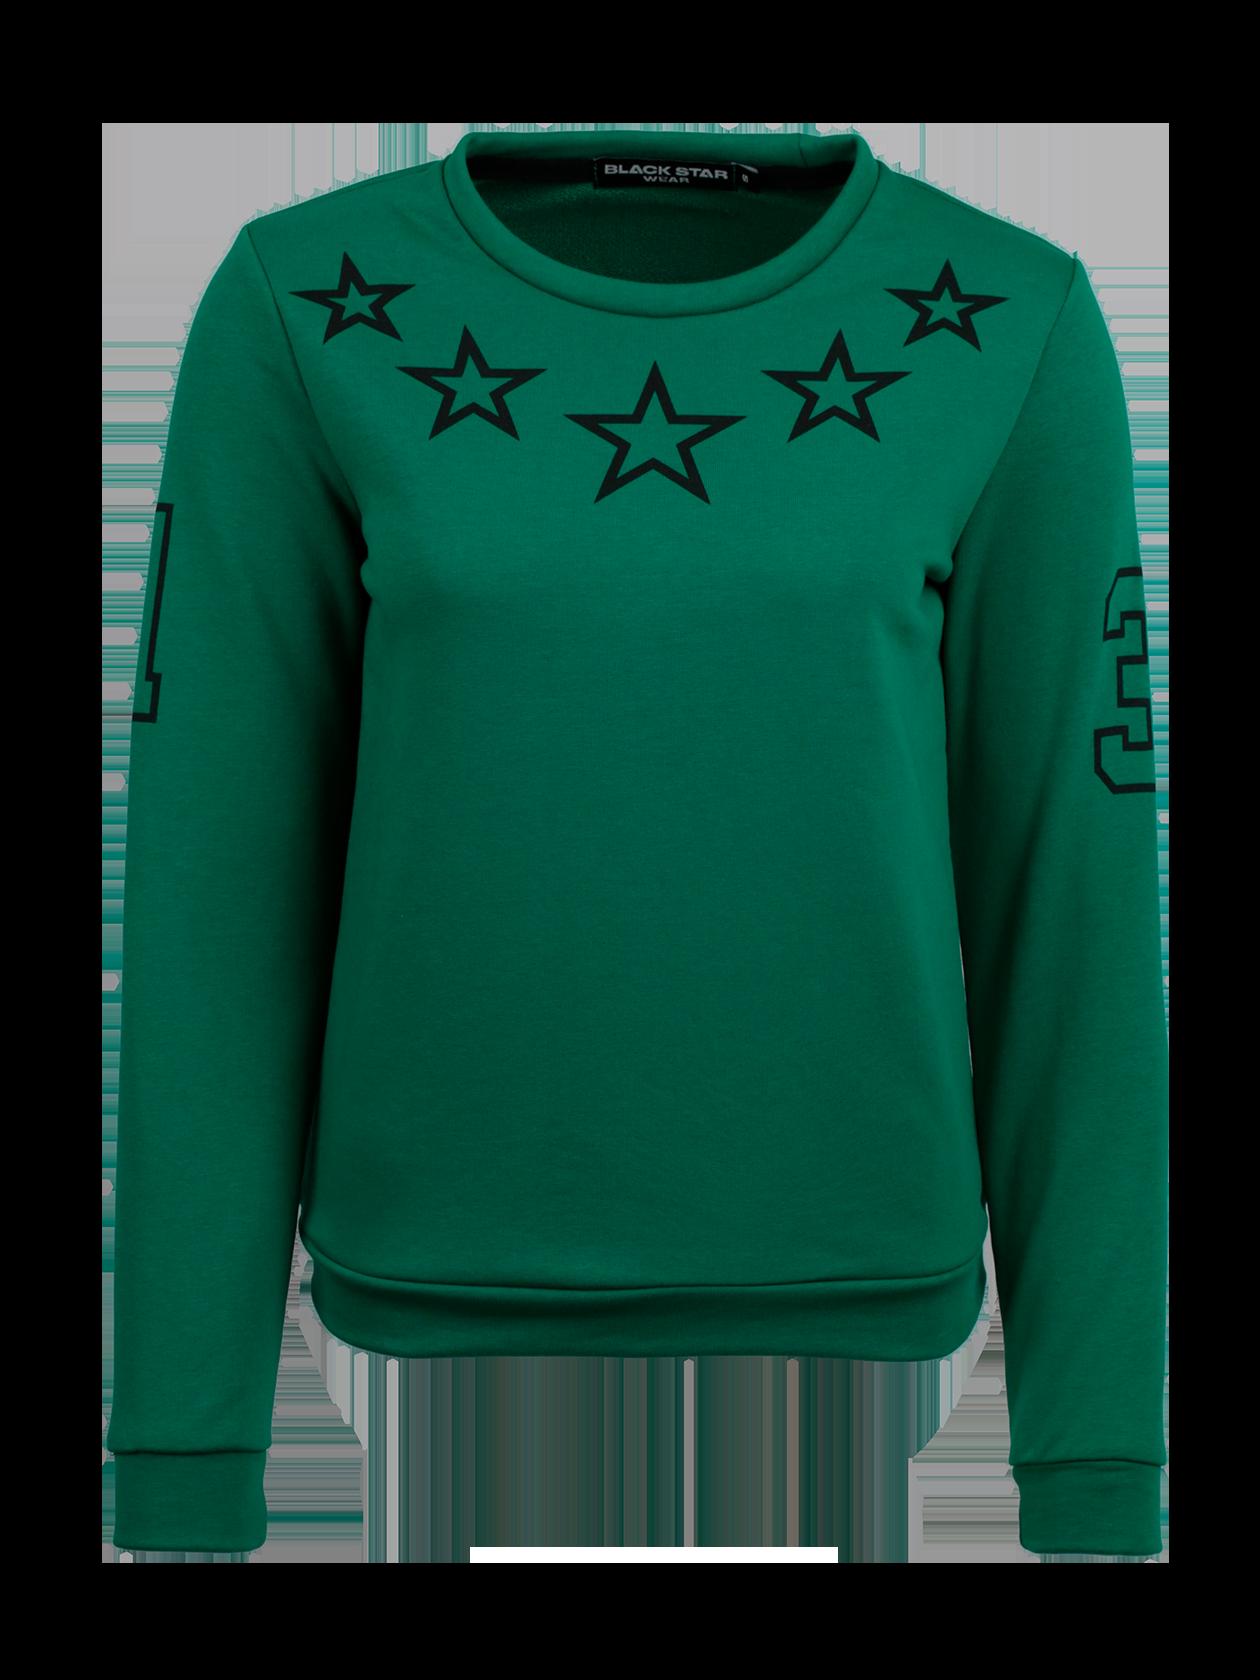 Толстовка женская STARSТолстовка женская из коллекции Black Star Wear. Прямой крой, округлая горловина, манжеты и нижний край не эластичные. Принт с изображением звёзд на груди, цифра 1 на правом рукаве и 3 на левом. Материал изделия: бленд натурального хлопка. Модель доступна в коралловом, белом, зелёном и сером цветах.<br><br>Размер: M<br>Цвет: Зеленый<br>Пол: Женский